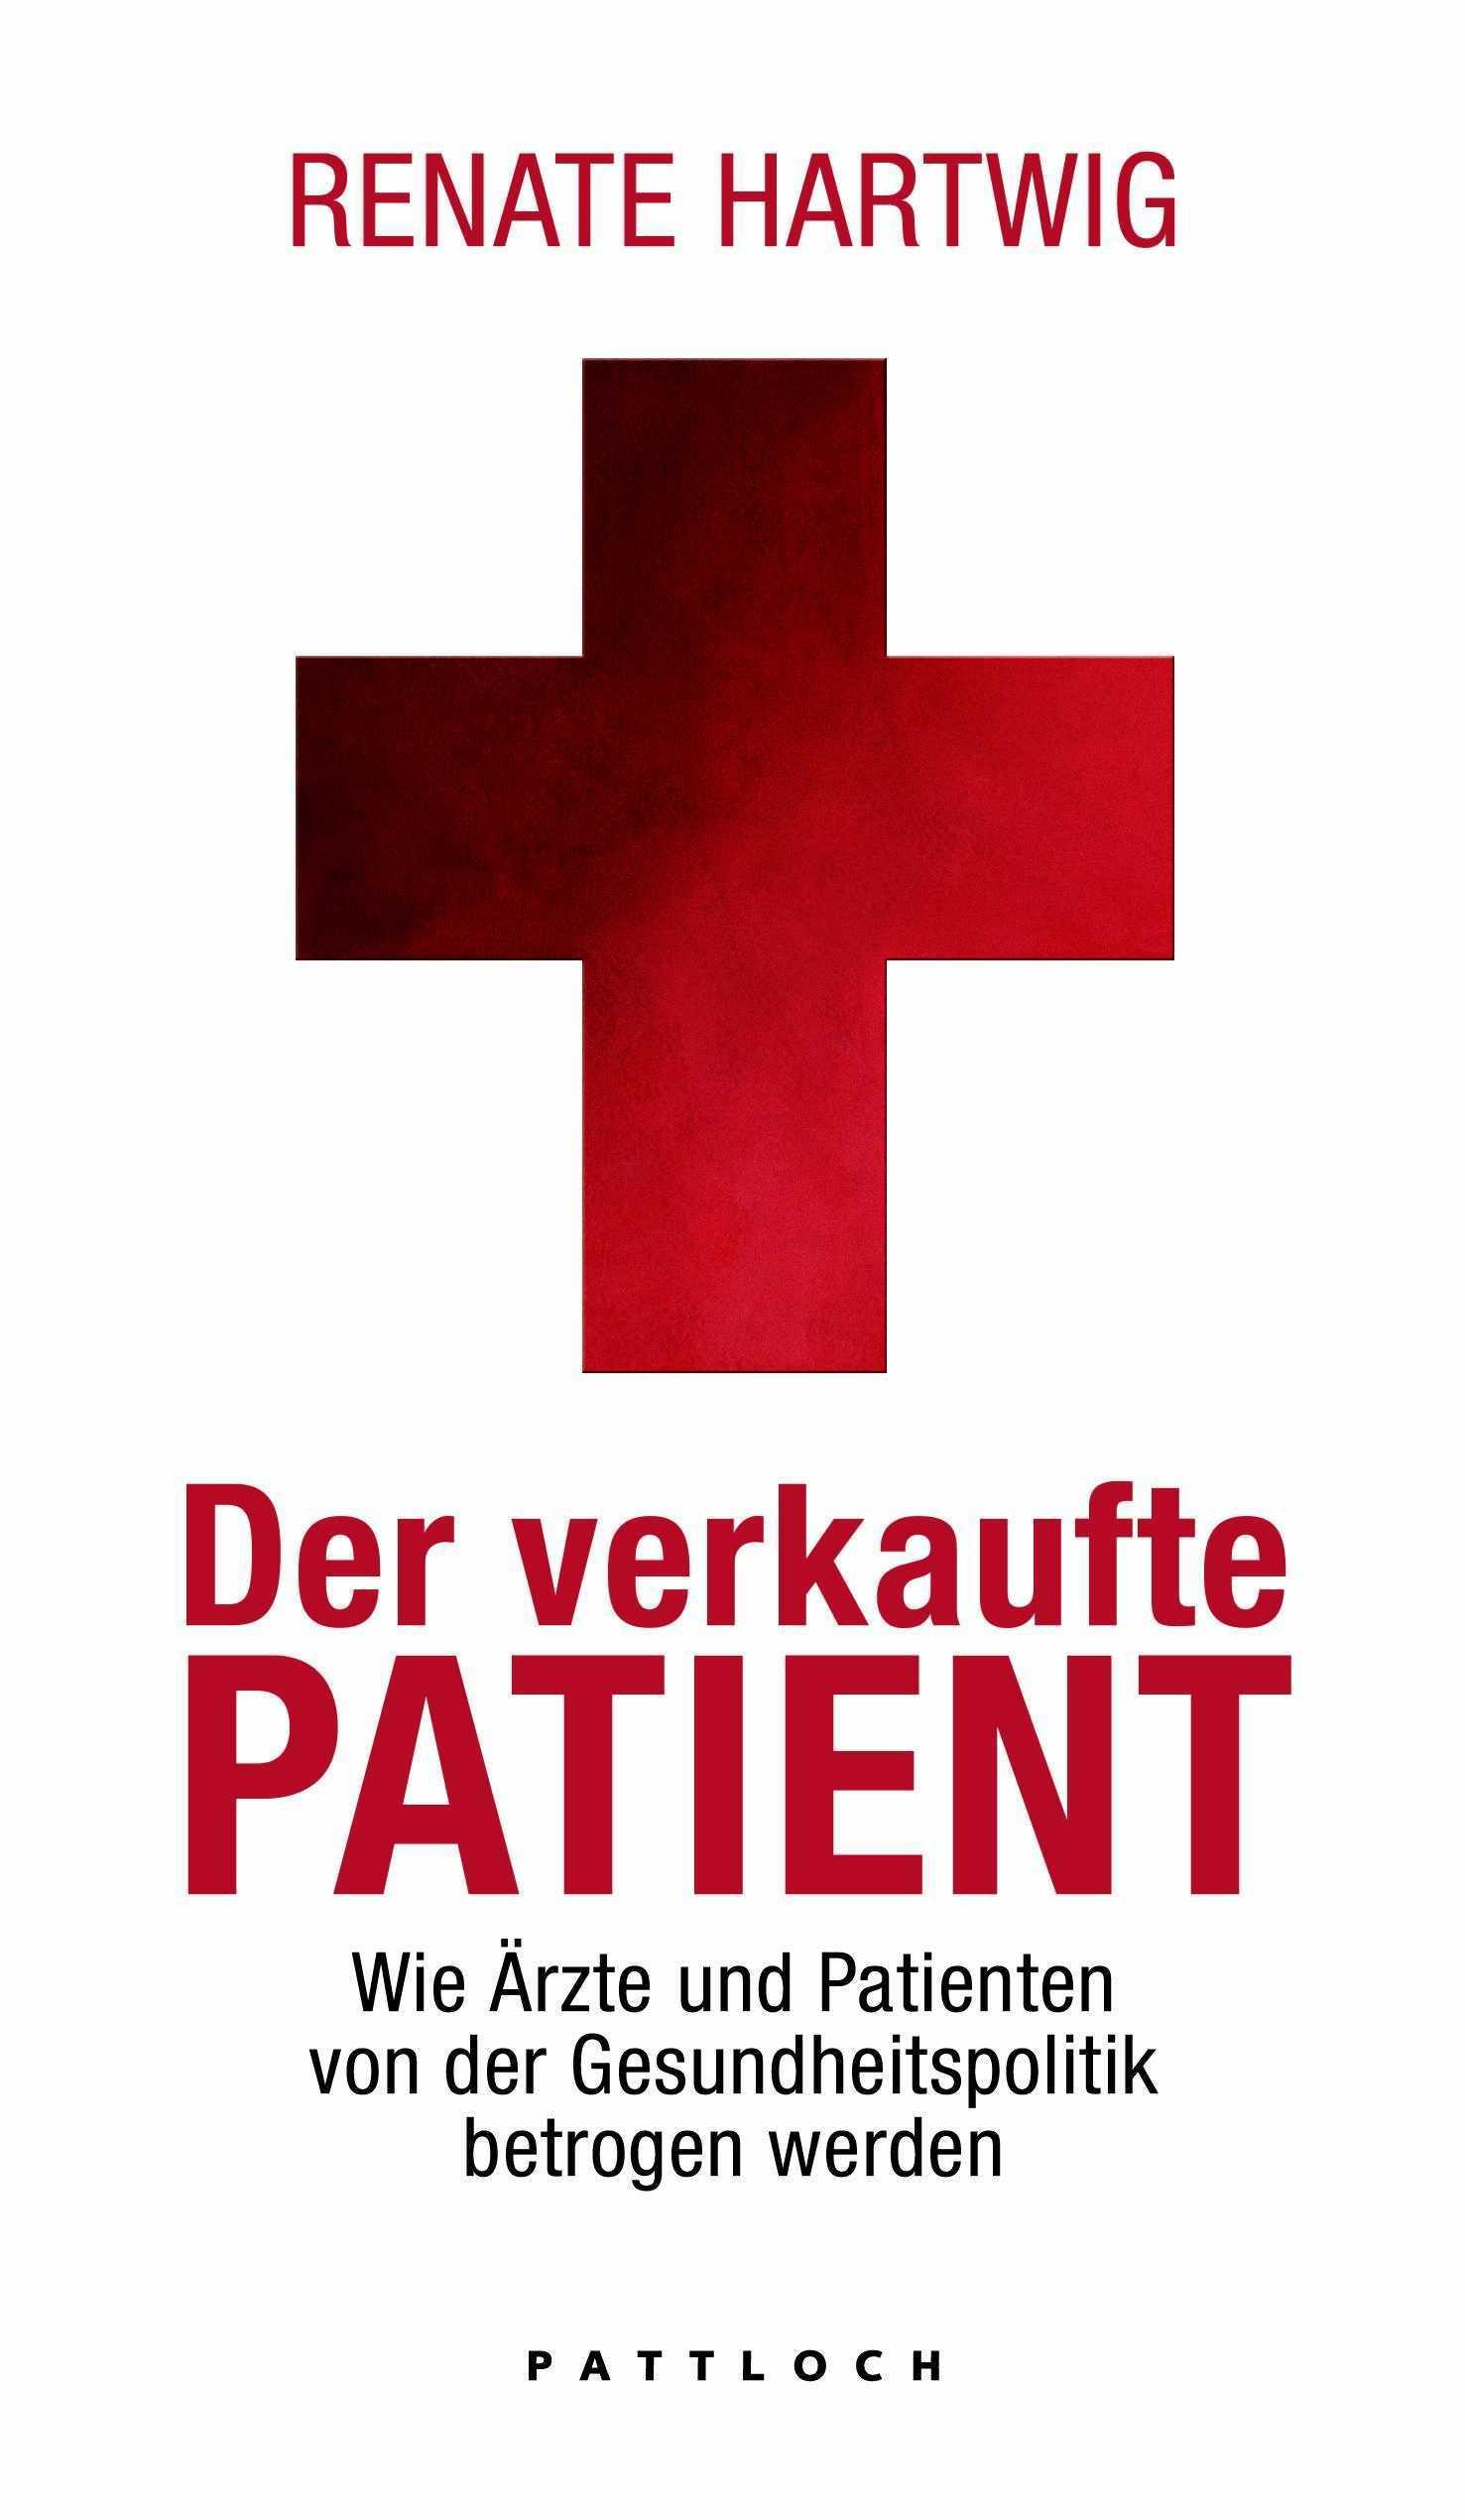 Reforma sanatatii in GERMANIA: EXPLOATAREA pacientului, manipularea TRANSPLANTULUI de ORGANE